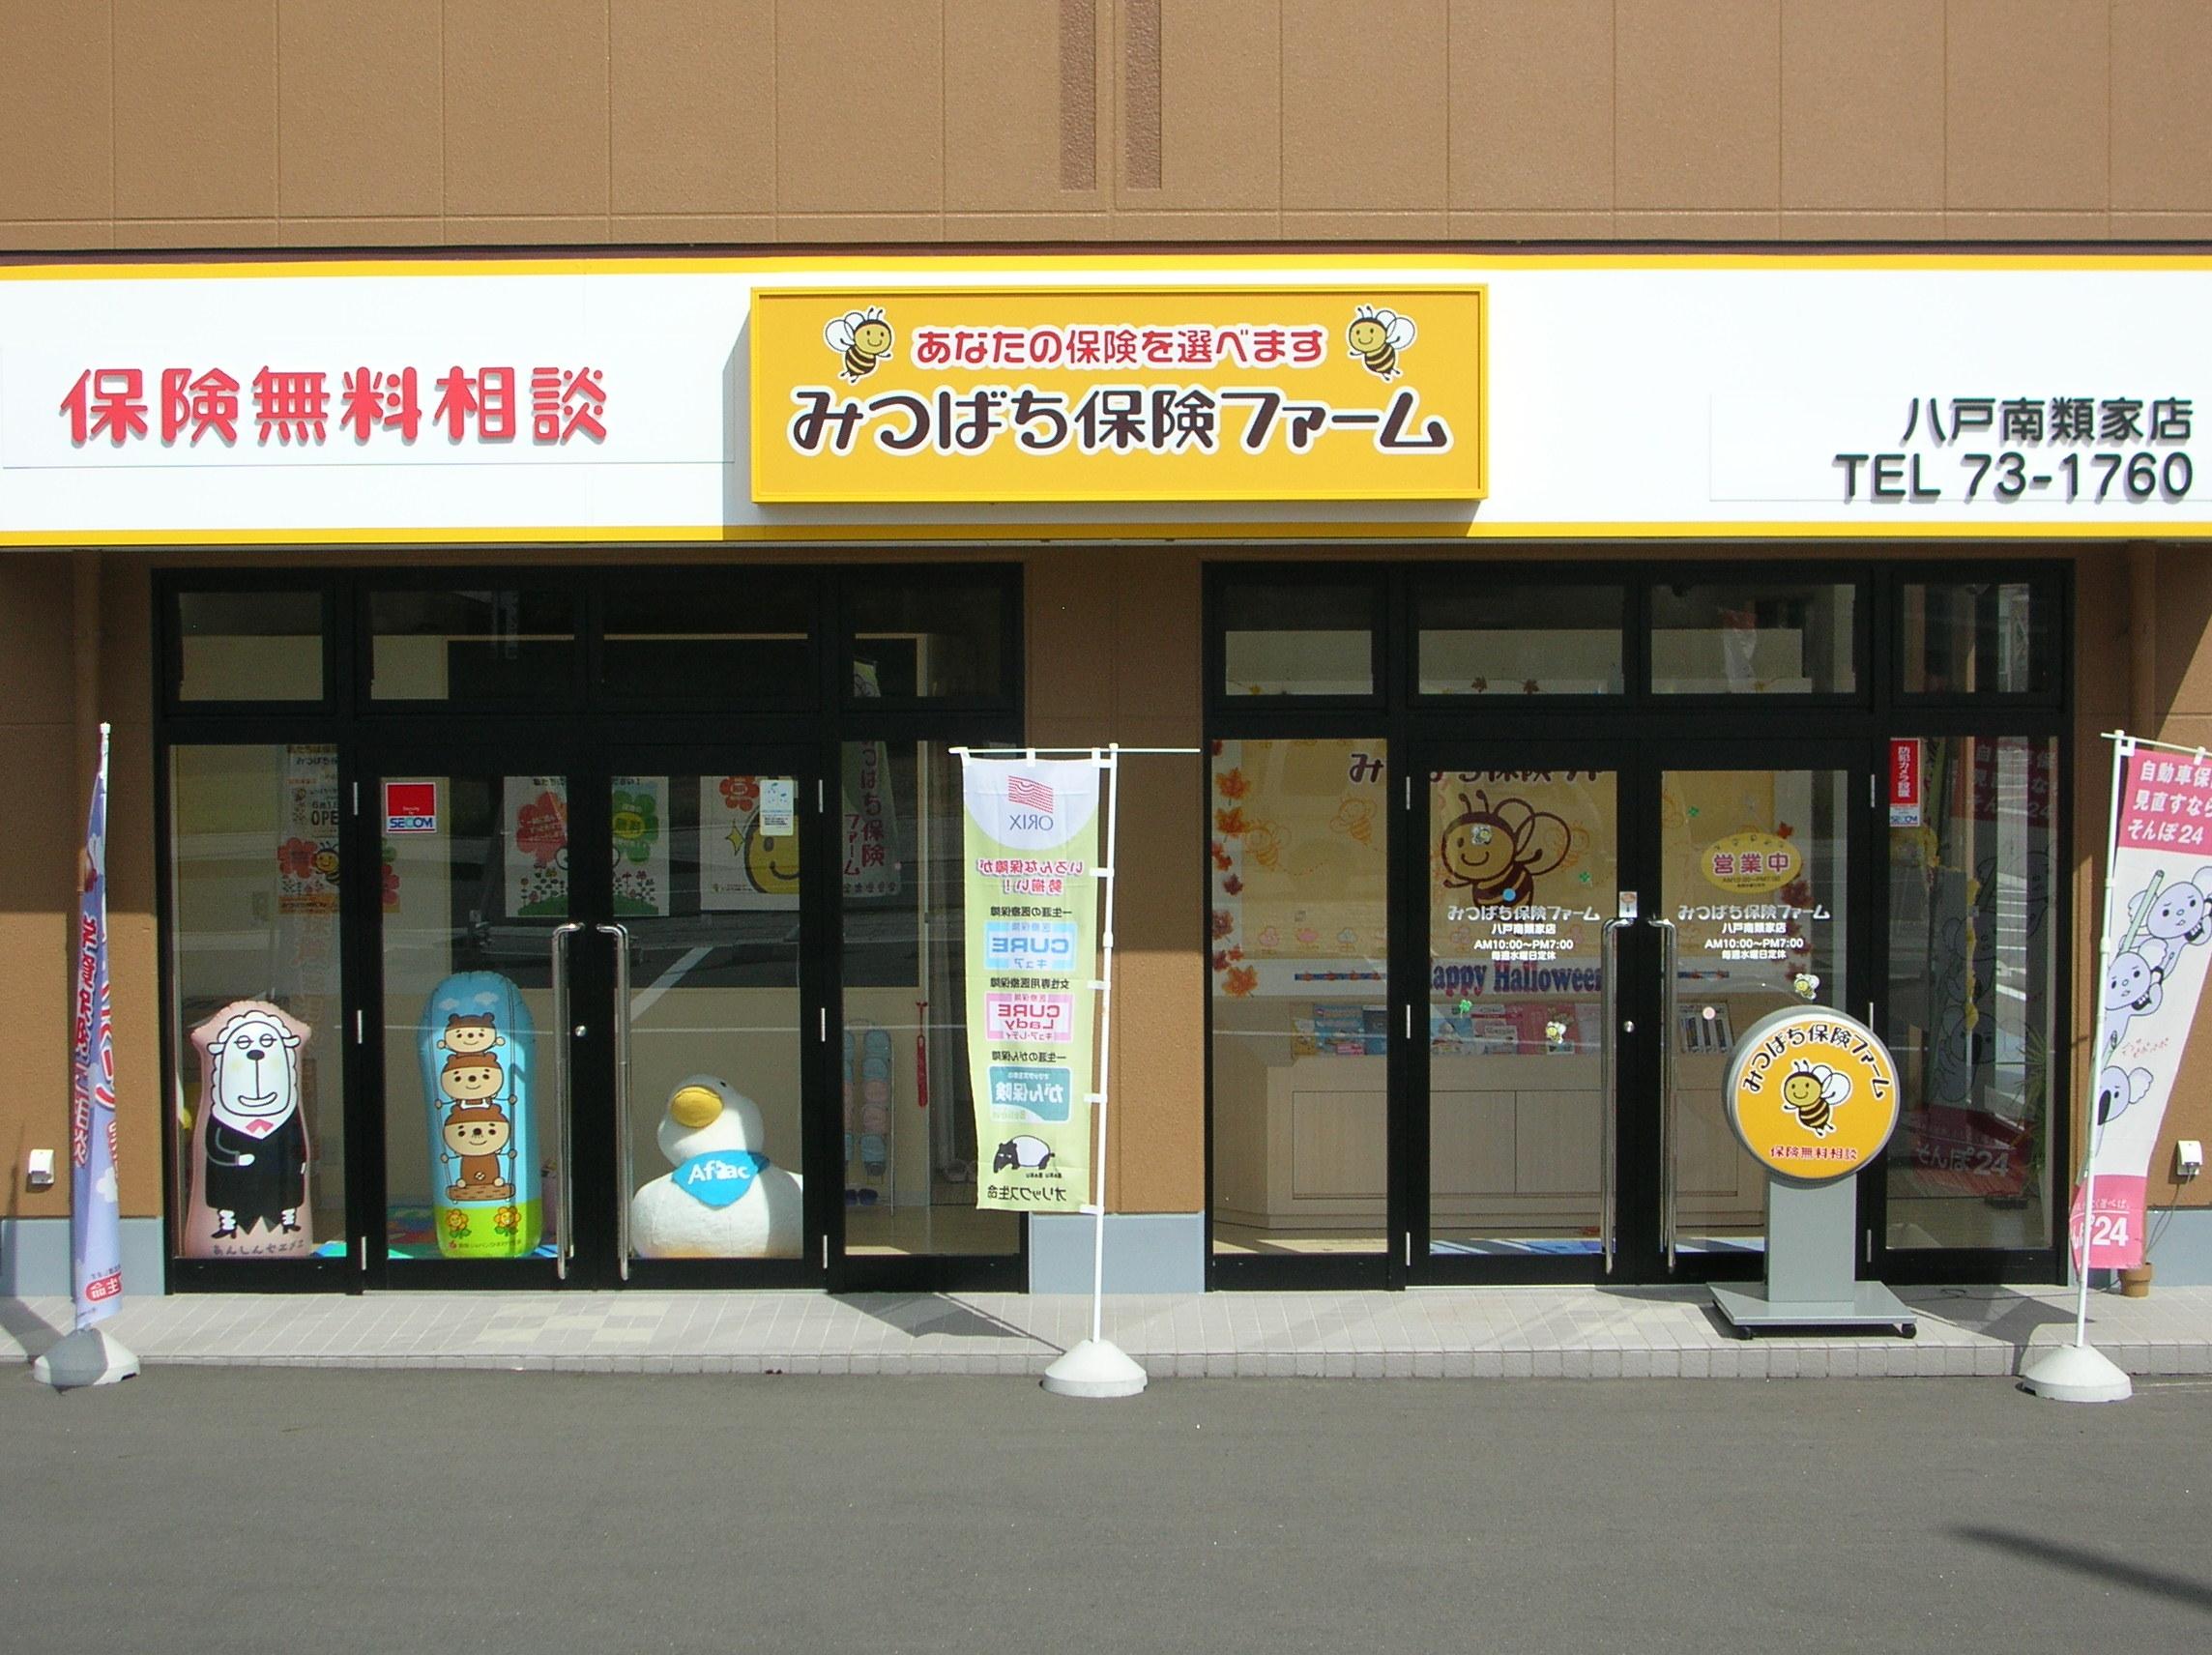 八戸市田向 間ノ田 8-1:みつばち保険ファーム 八戸南類家店